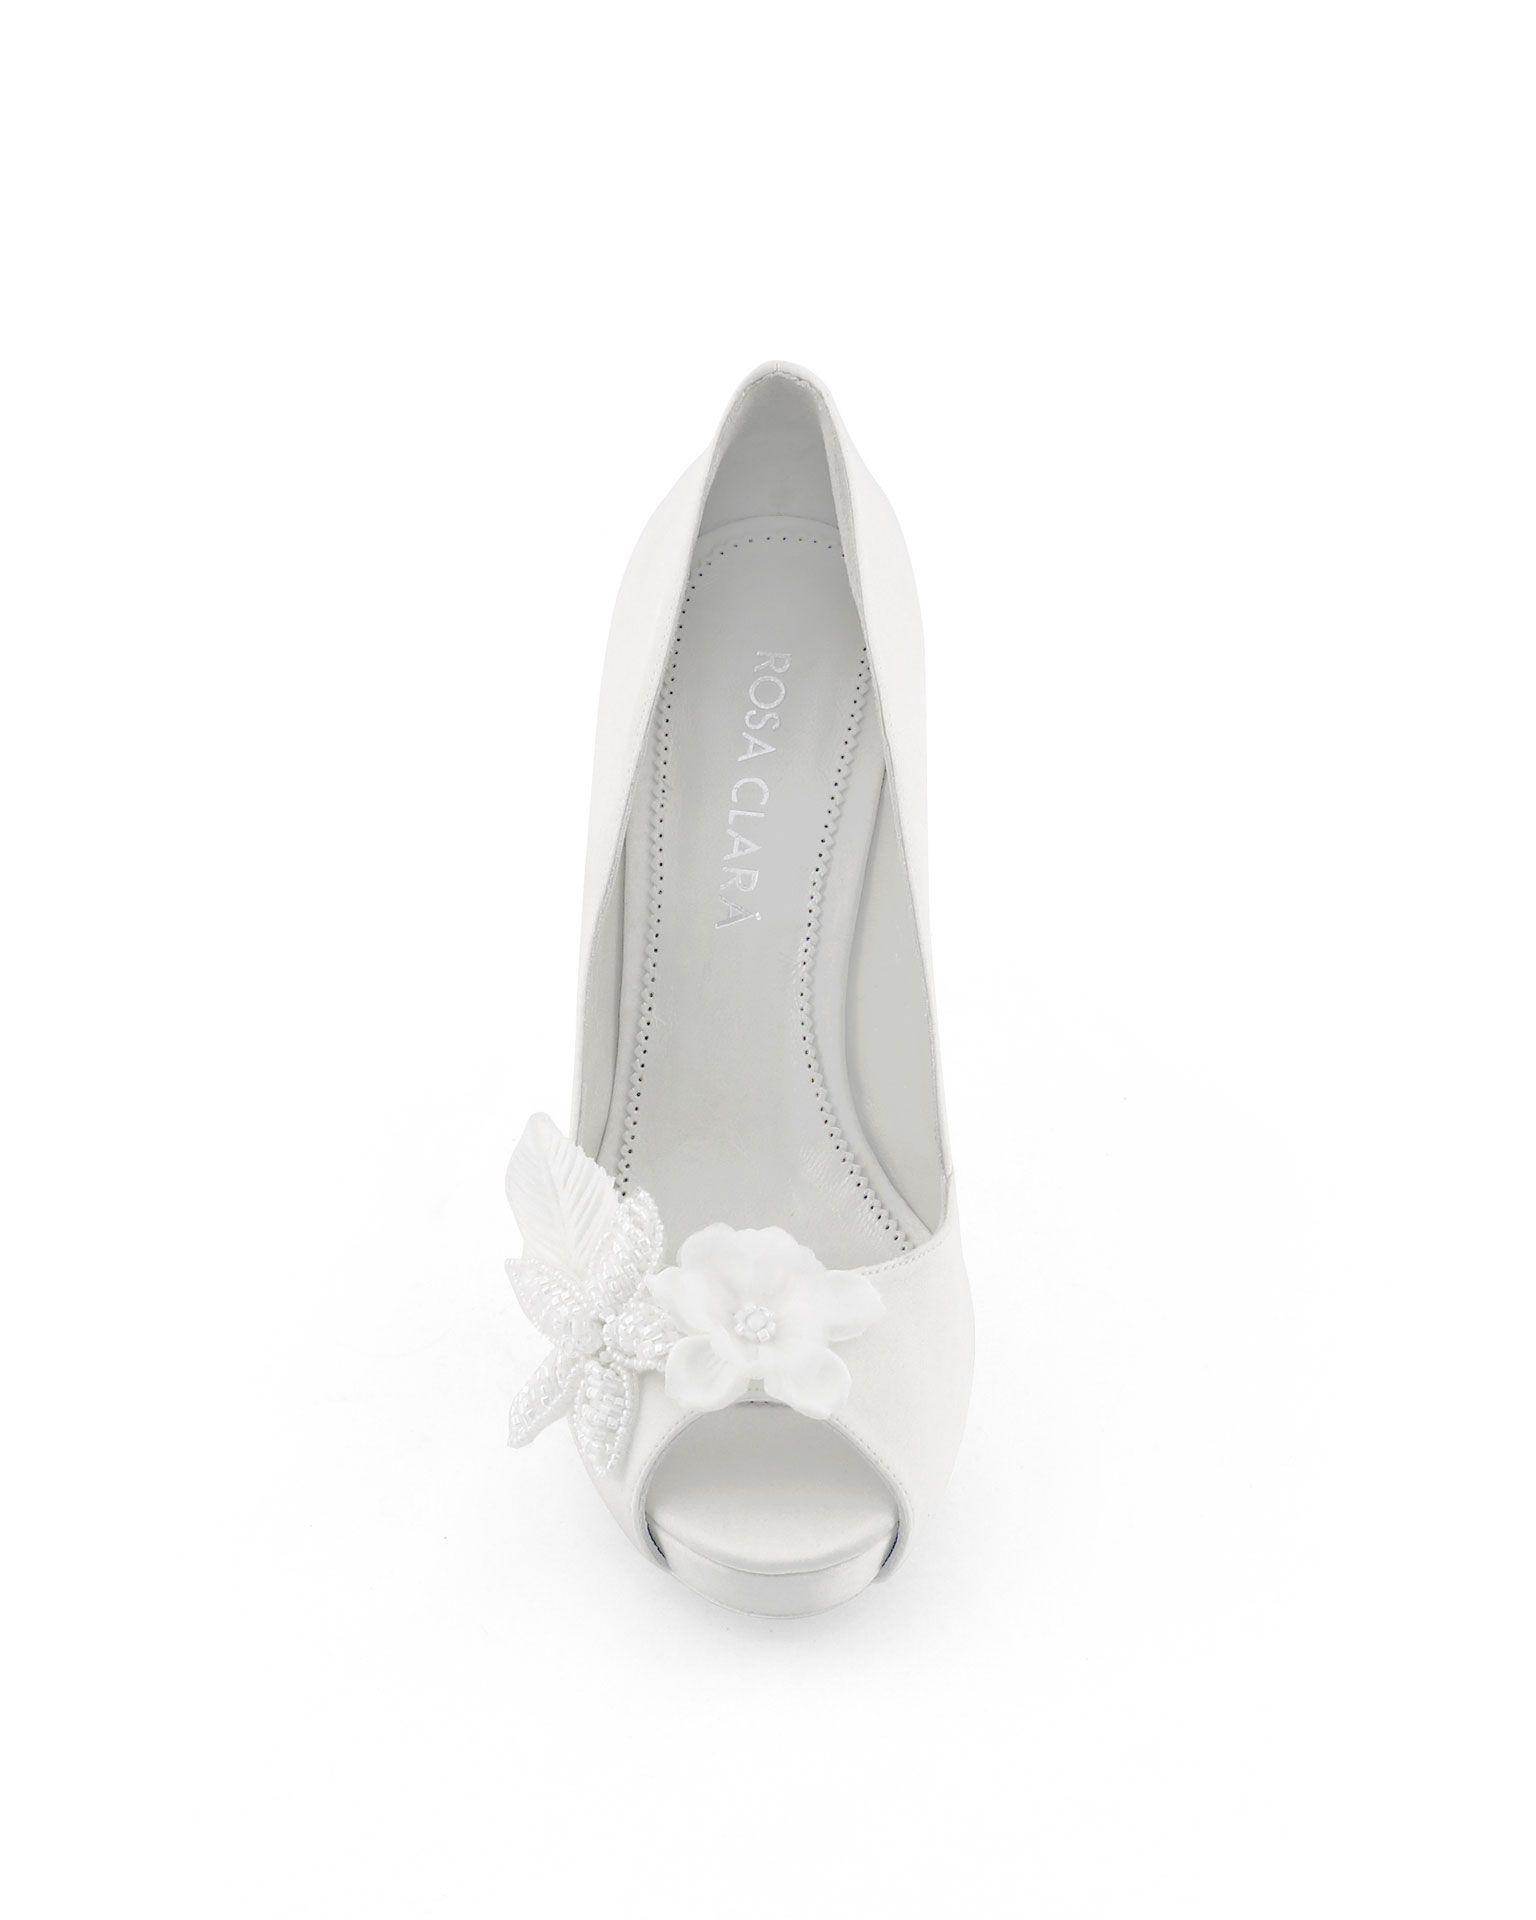 En Riomar fotógrafos nos gustan estos elegantes zapatos de novia con detalle floral.  http://riomarfotografosdeboda.com